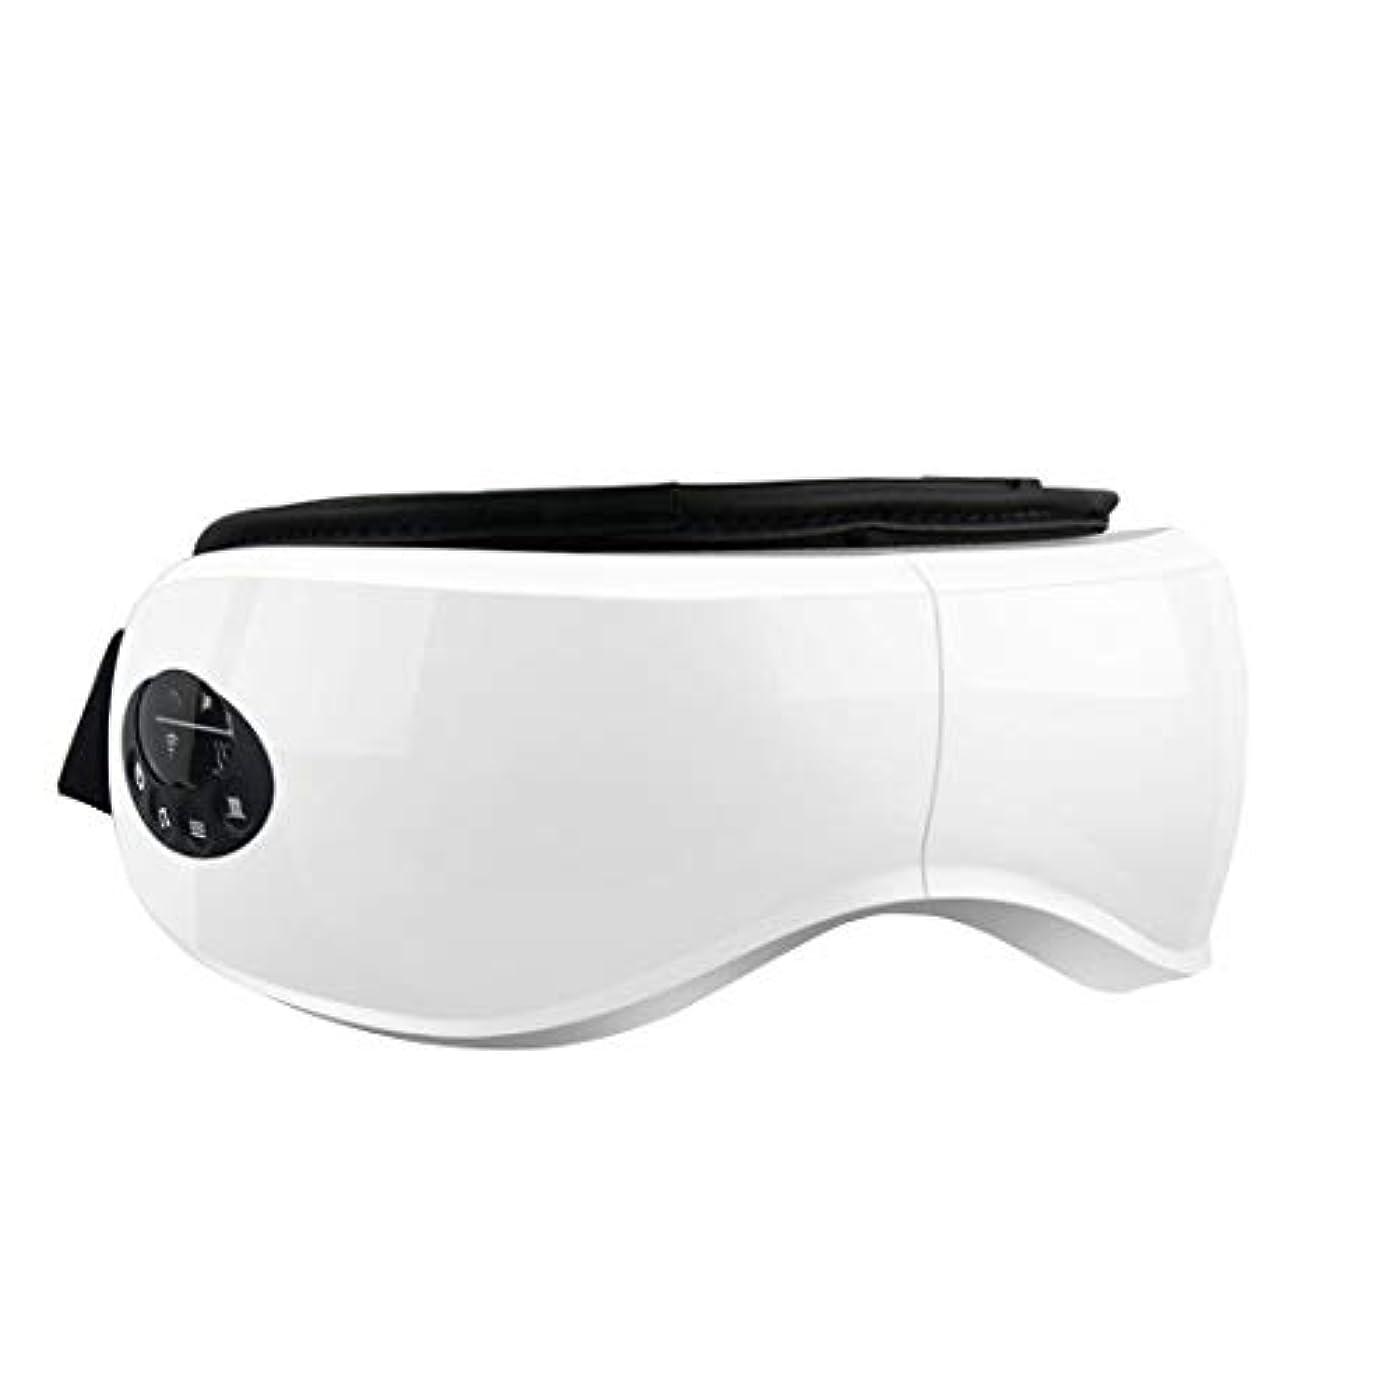 たるみ保持センチメートル方朝日スポーツ用品店 空気圧振動を伴う電気アイテンプルマッサージアイリラックス視力治療のための熱圧迫ストレス疲労